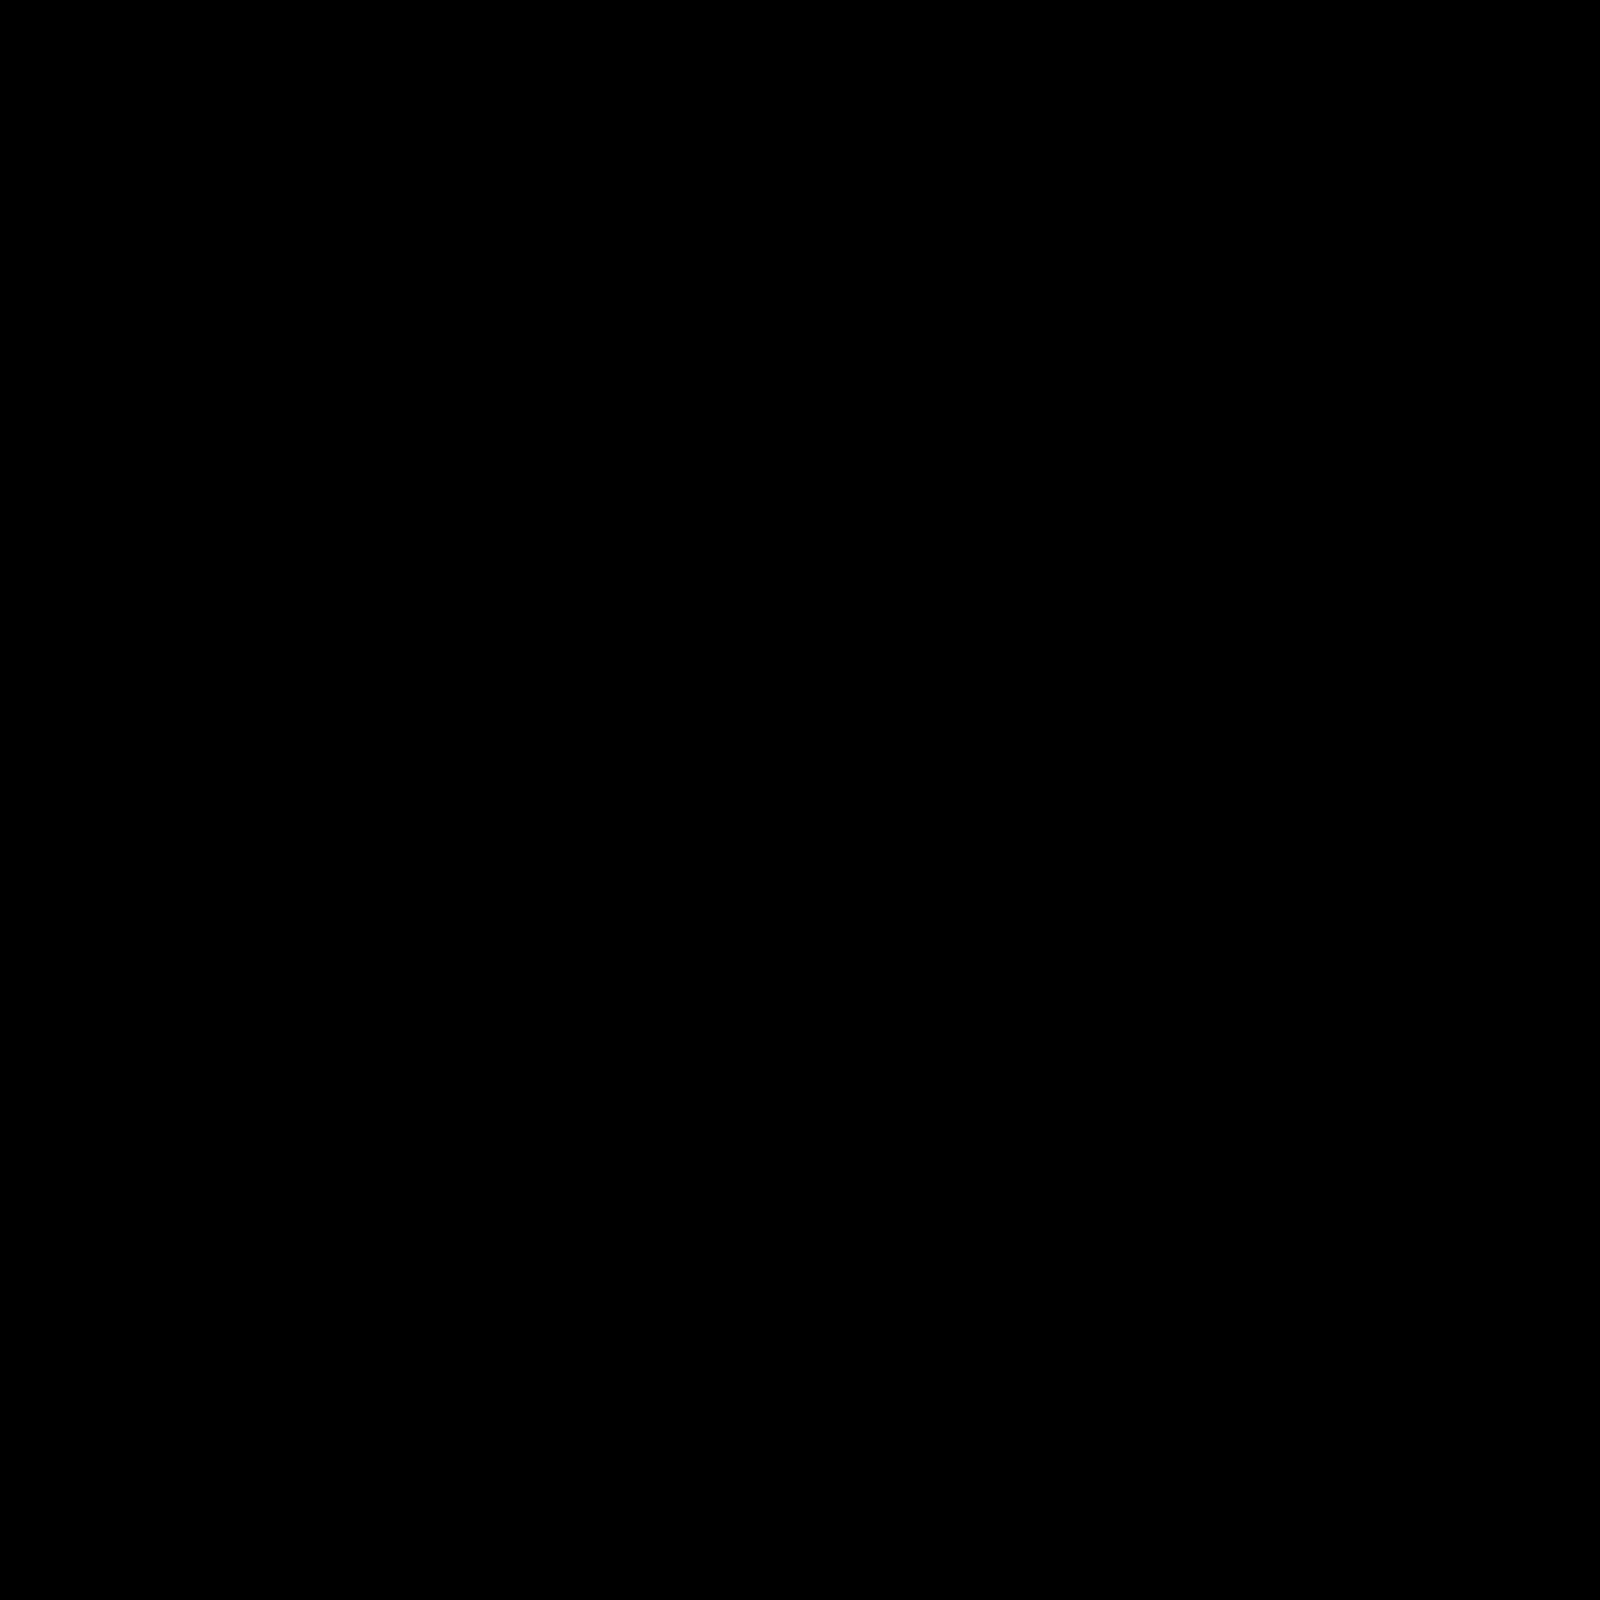 合同工作 icon. This is a picture of a man's chest and head. the man is wearing a tie and you cannot see his face. behind him is a piece of paper with it's top right hand corner folded inward.